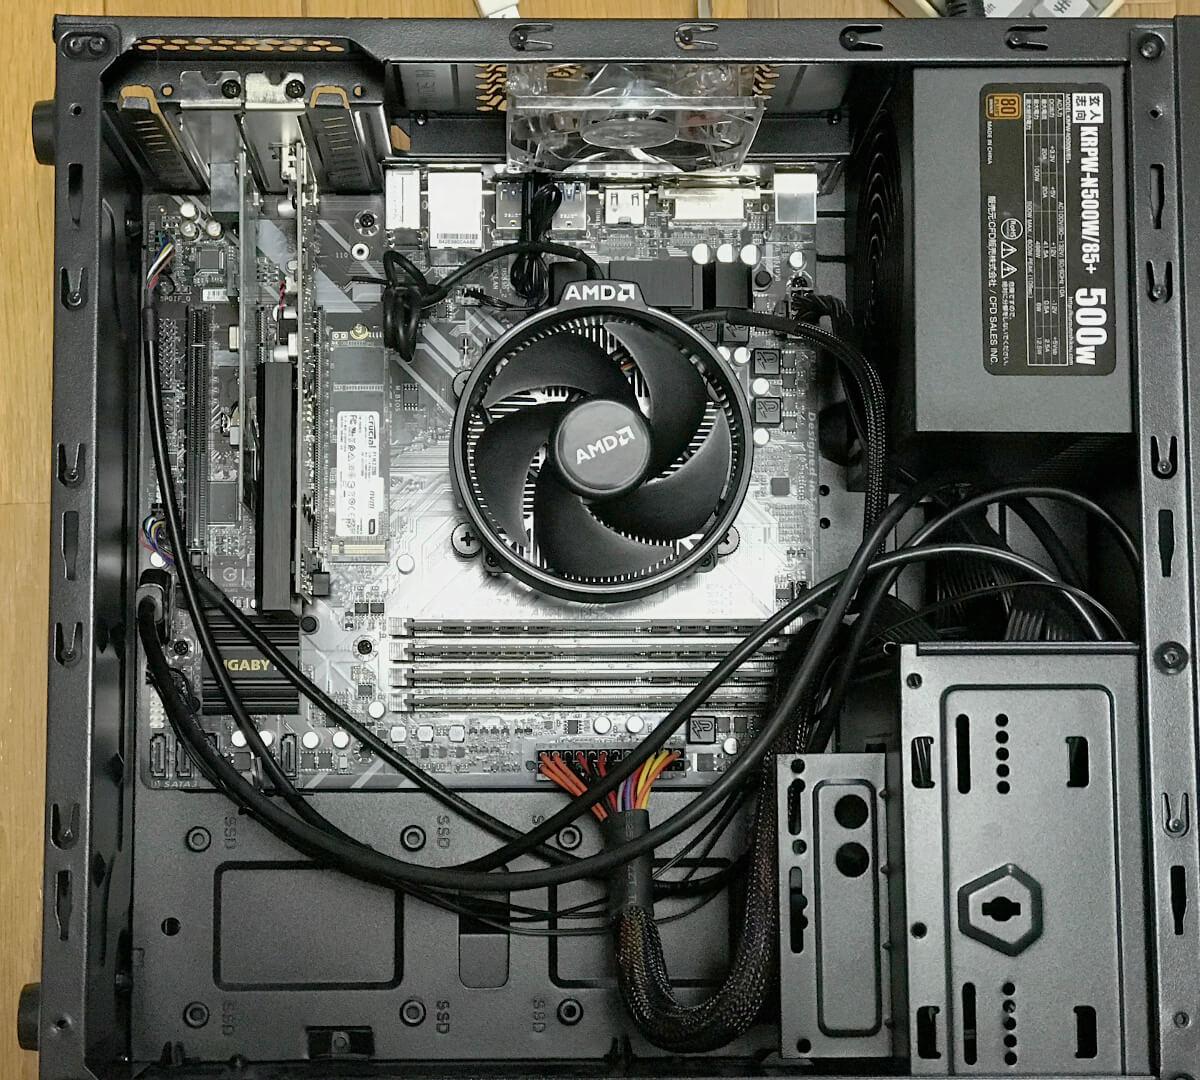 Ryzen7 1700をB450M-DS3Hに載せた自作パソコン